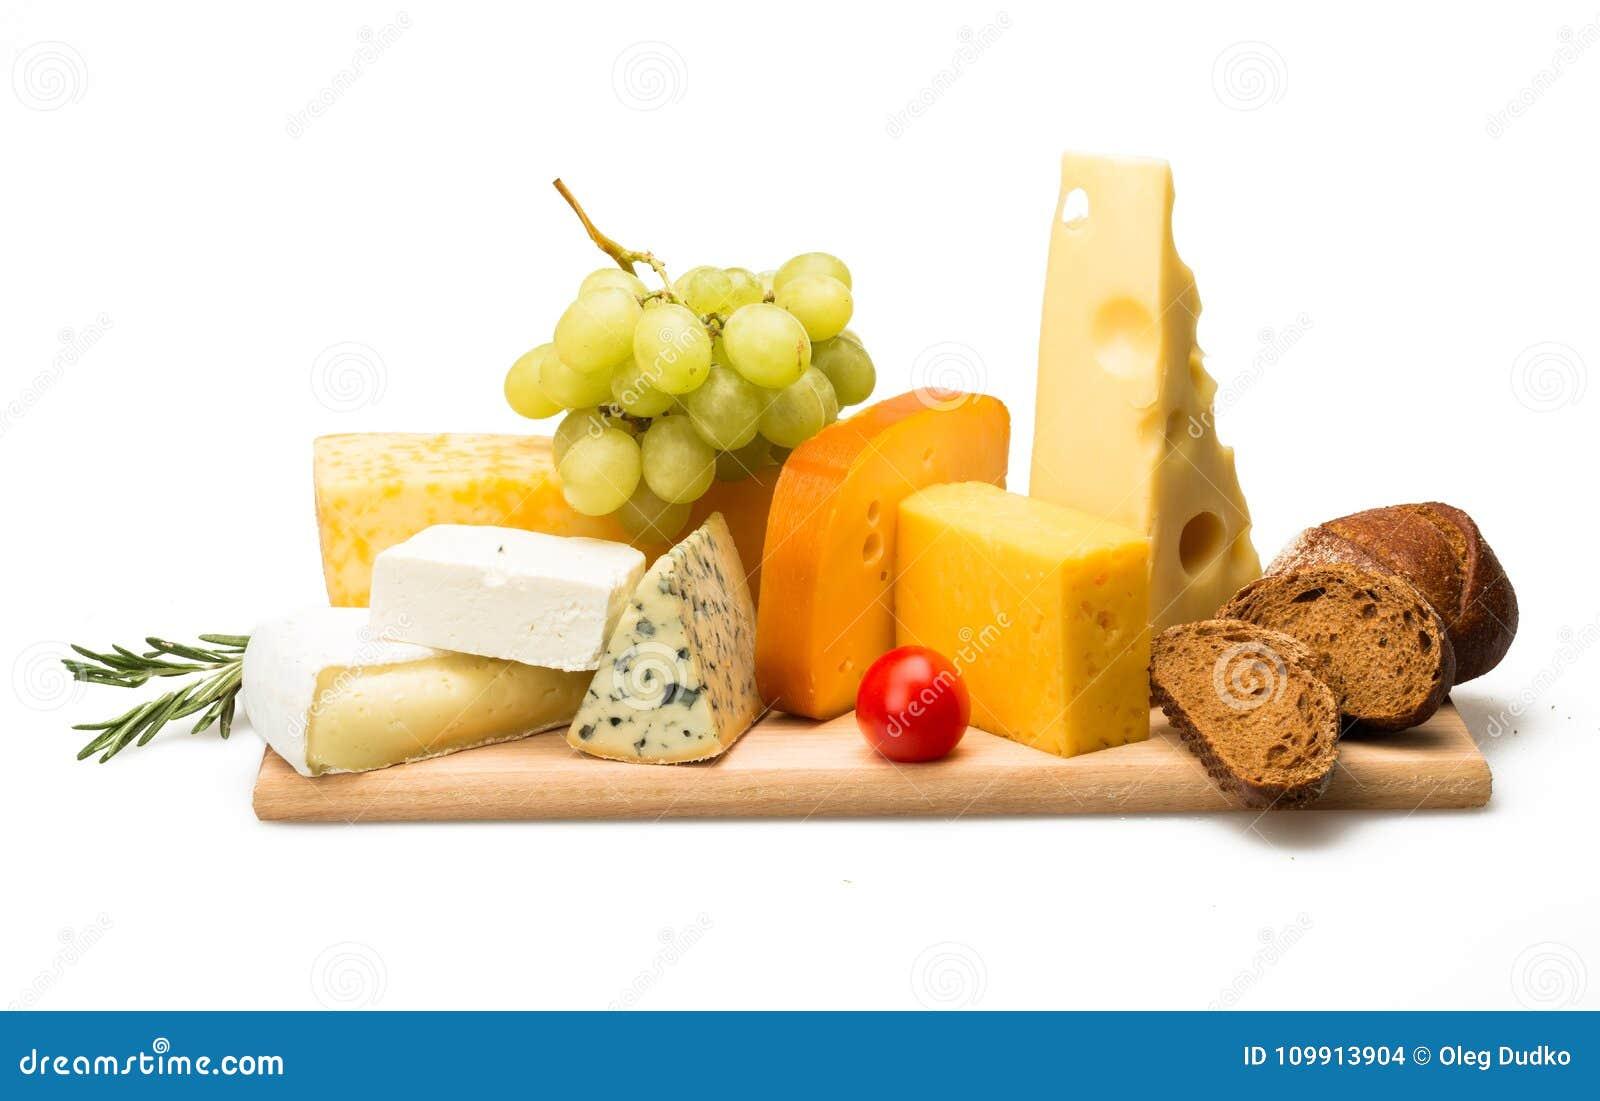 Διάφορα είδη τυριών, κεράσι Tomatoe, σταφύλι